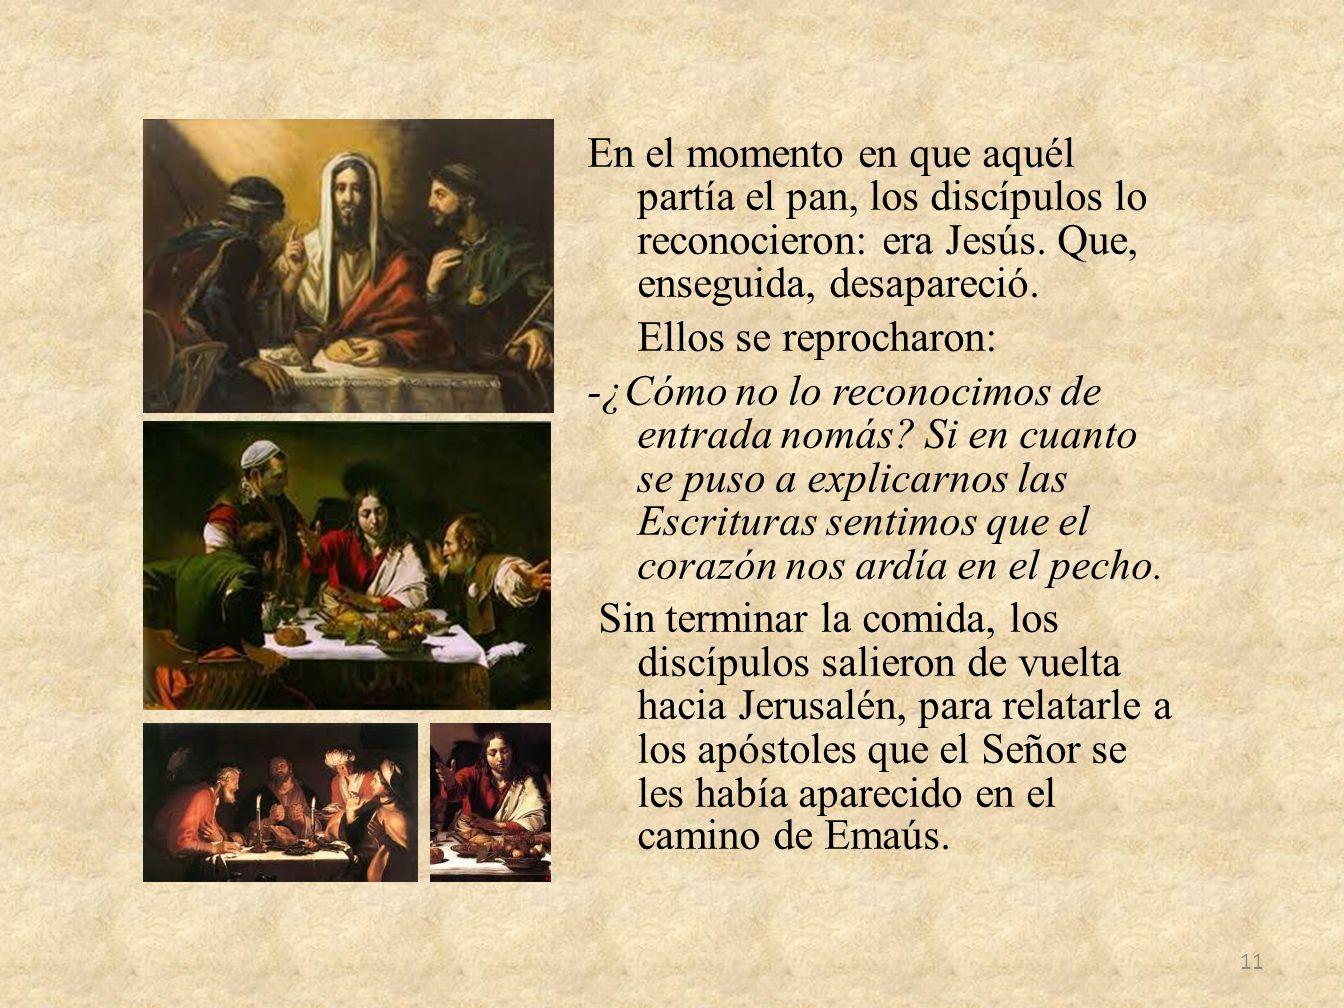 En el momento en que aquél partía el pan, los discípulos lo reconocieron: era Jesús. Que, enseguida, desapareció. Ellos se reprocharon: -¿Cómo no lo r